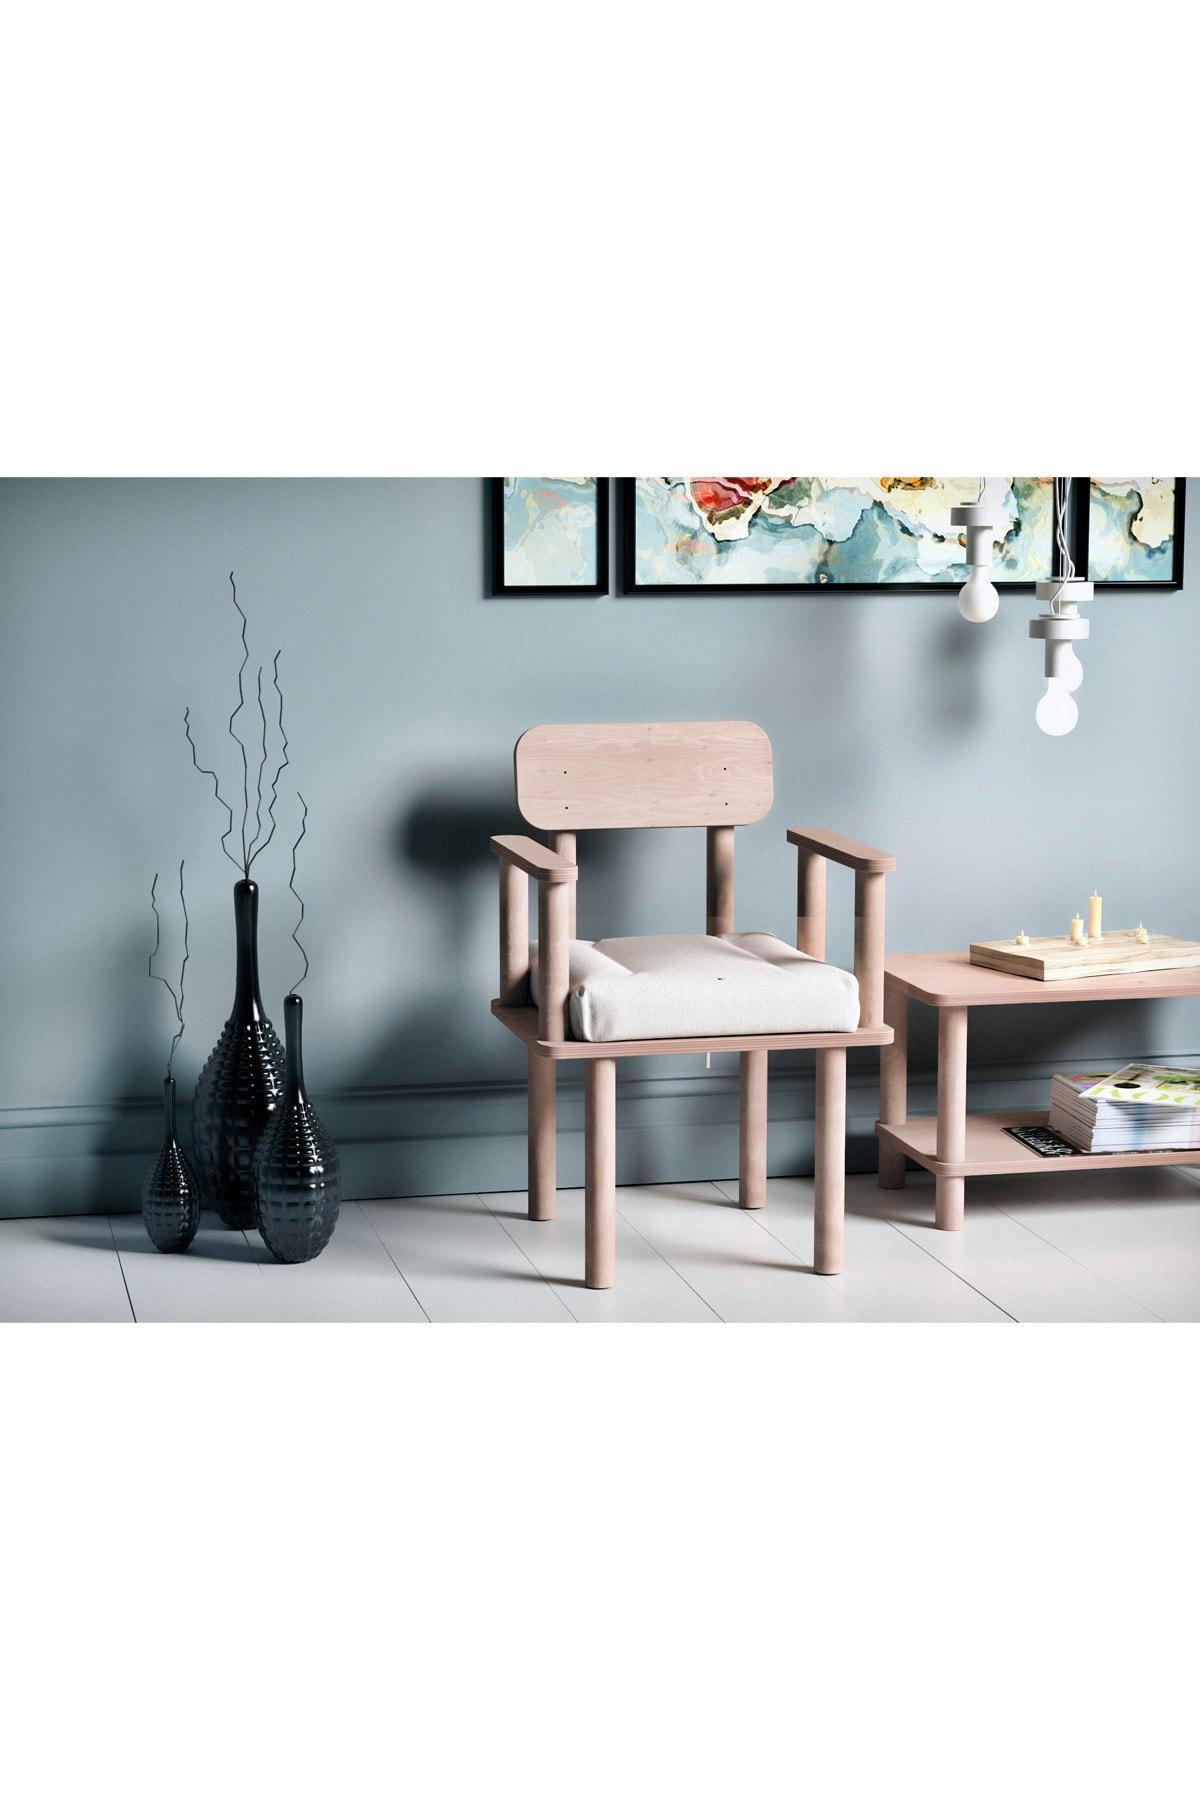 VUDIVA Magnesia Kolçaklı Sandalye Beyaz